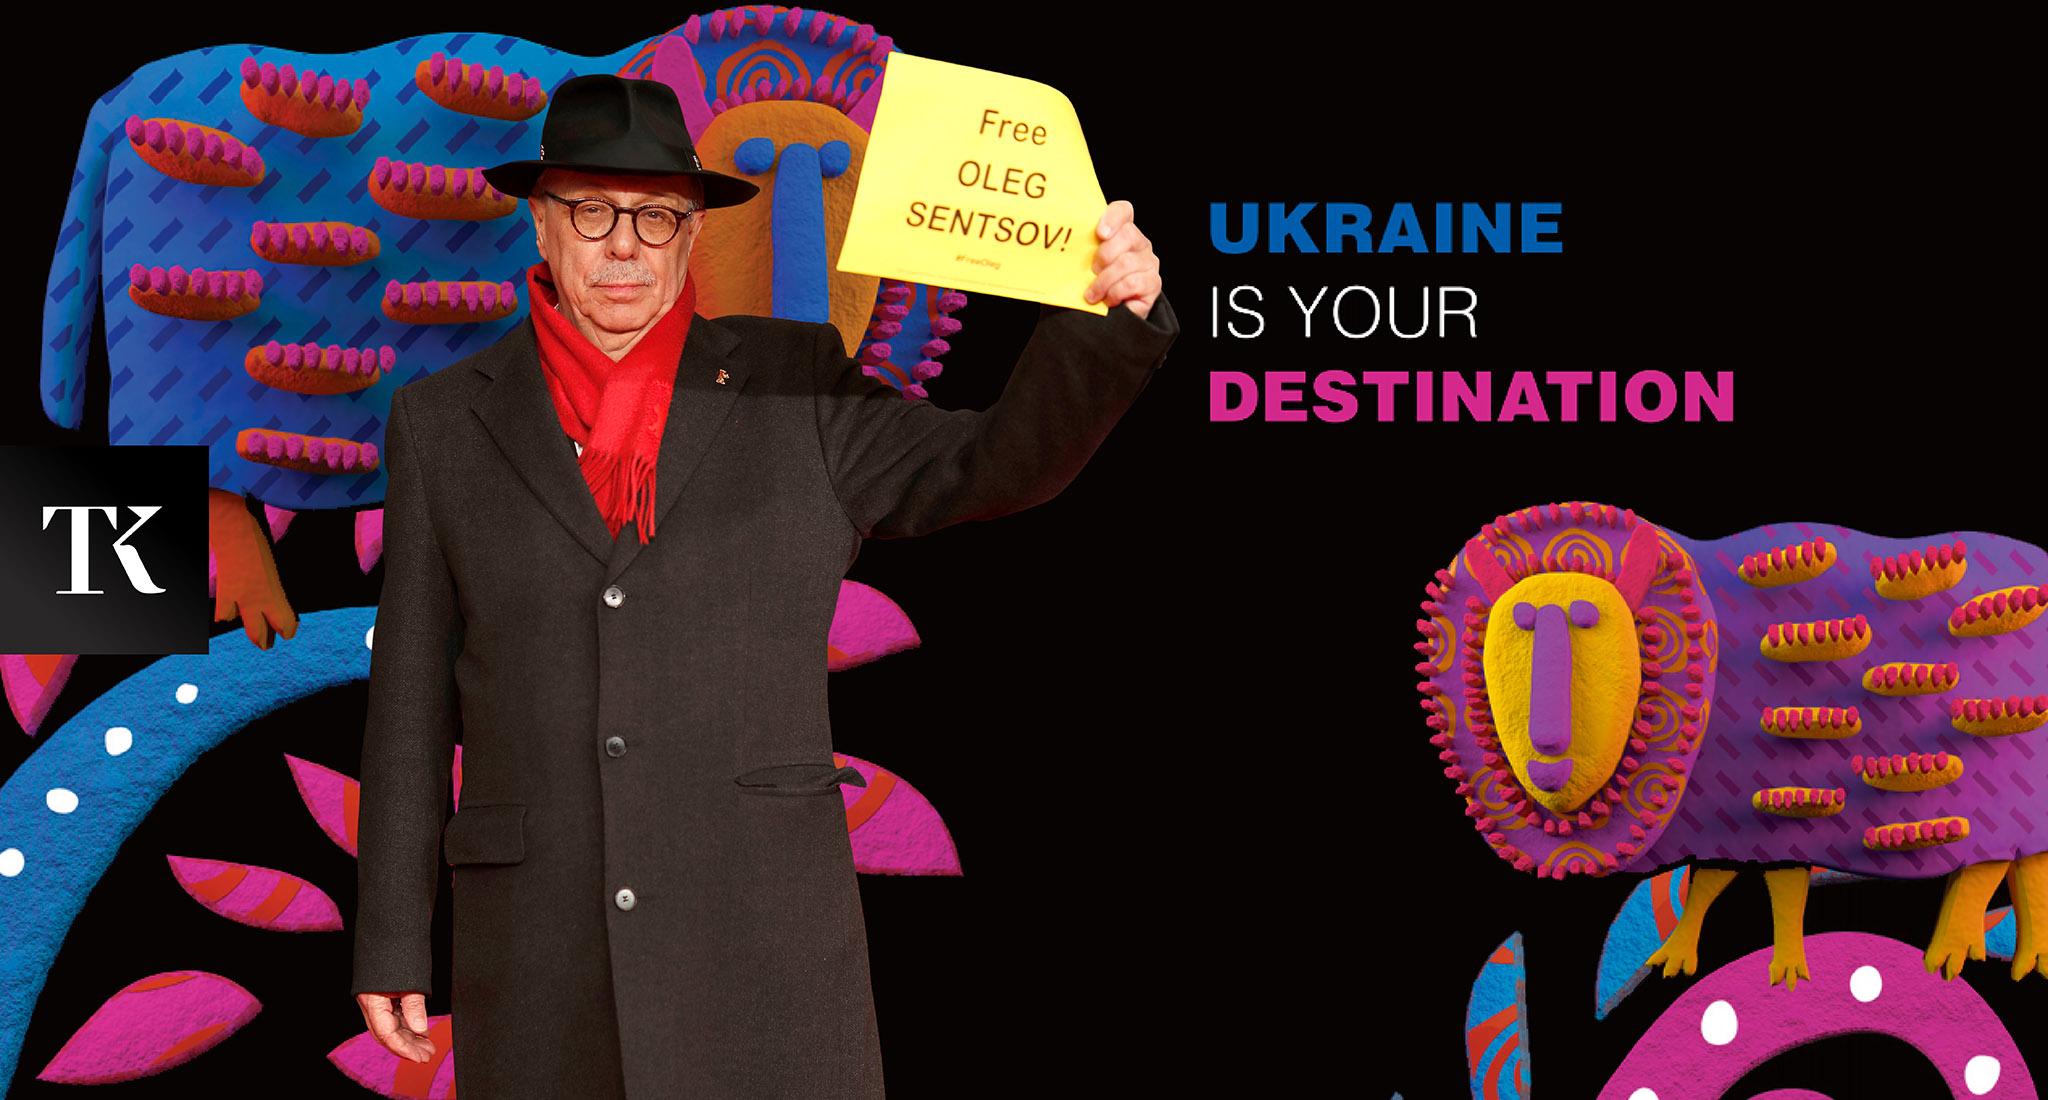 📽 Destination Berlin: український кінопром на Європейському кіноринку